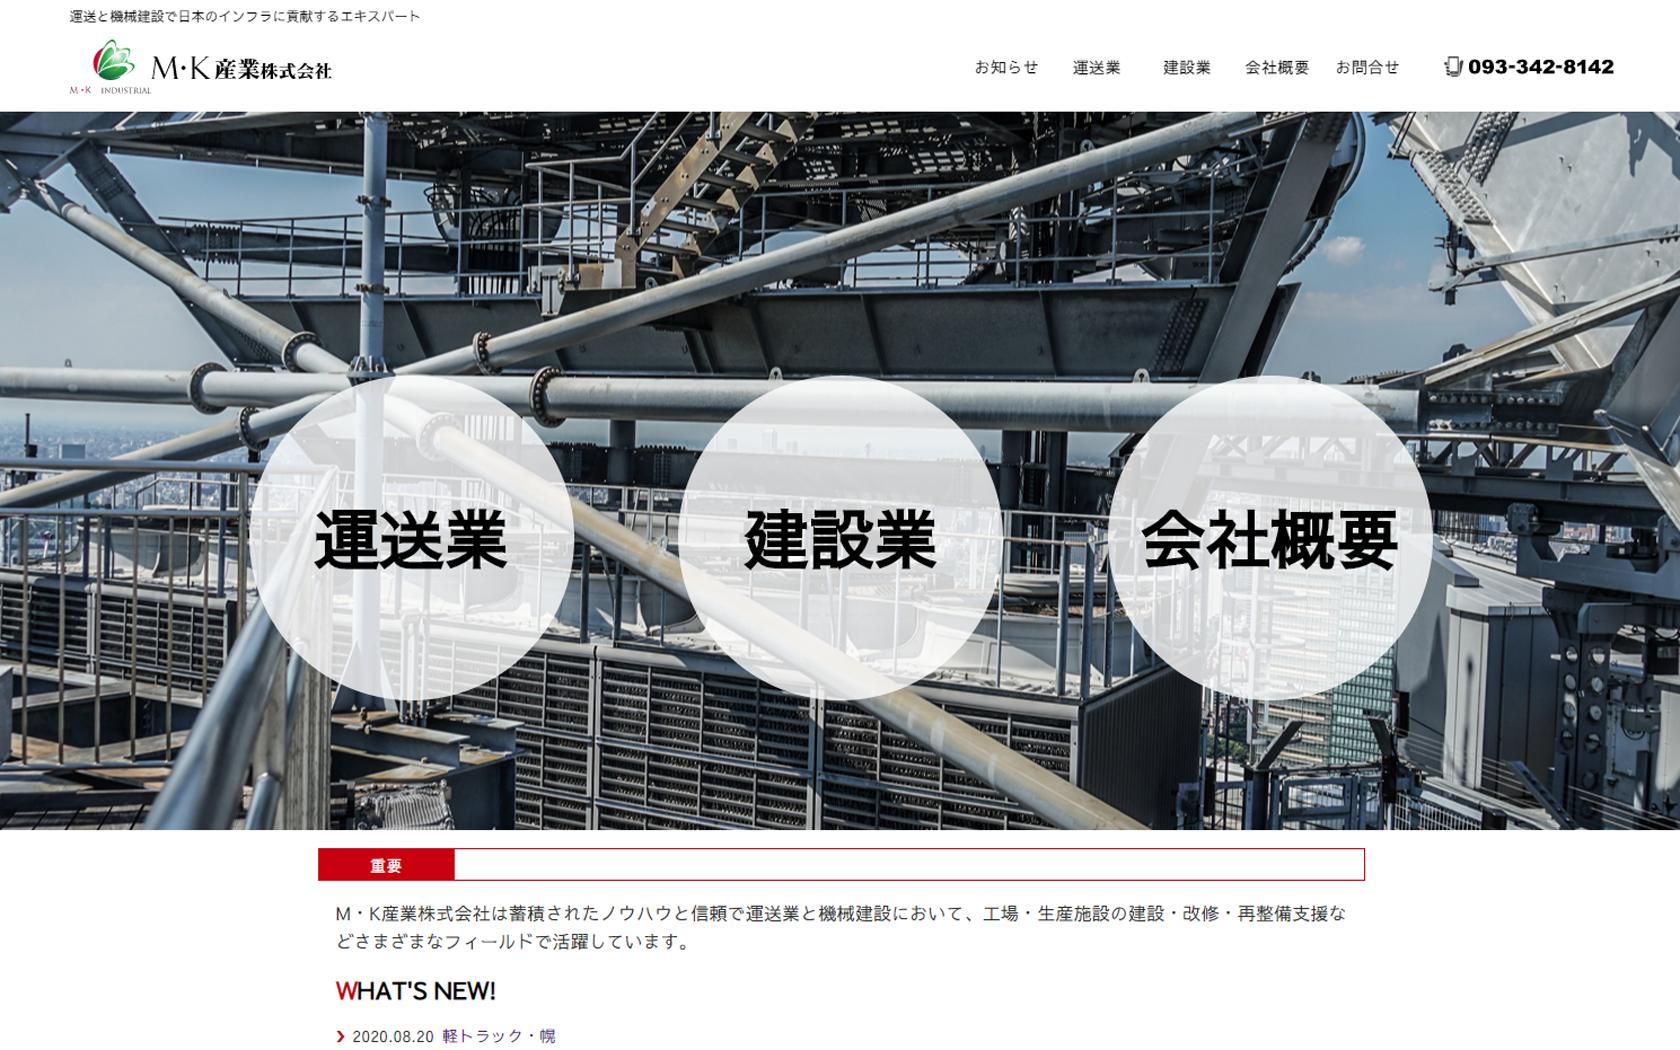 運送と機械建設で日本のインフラに貢献する M・K産業